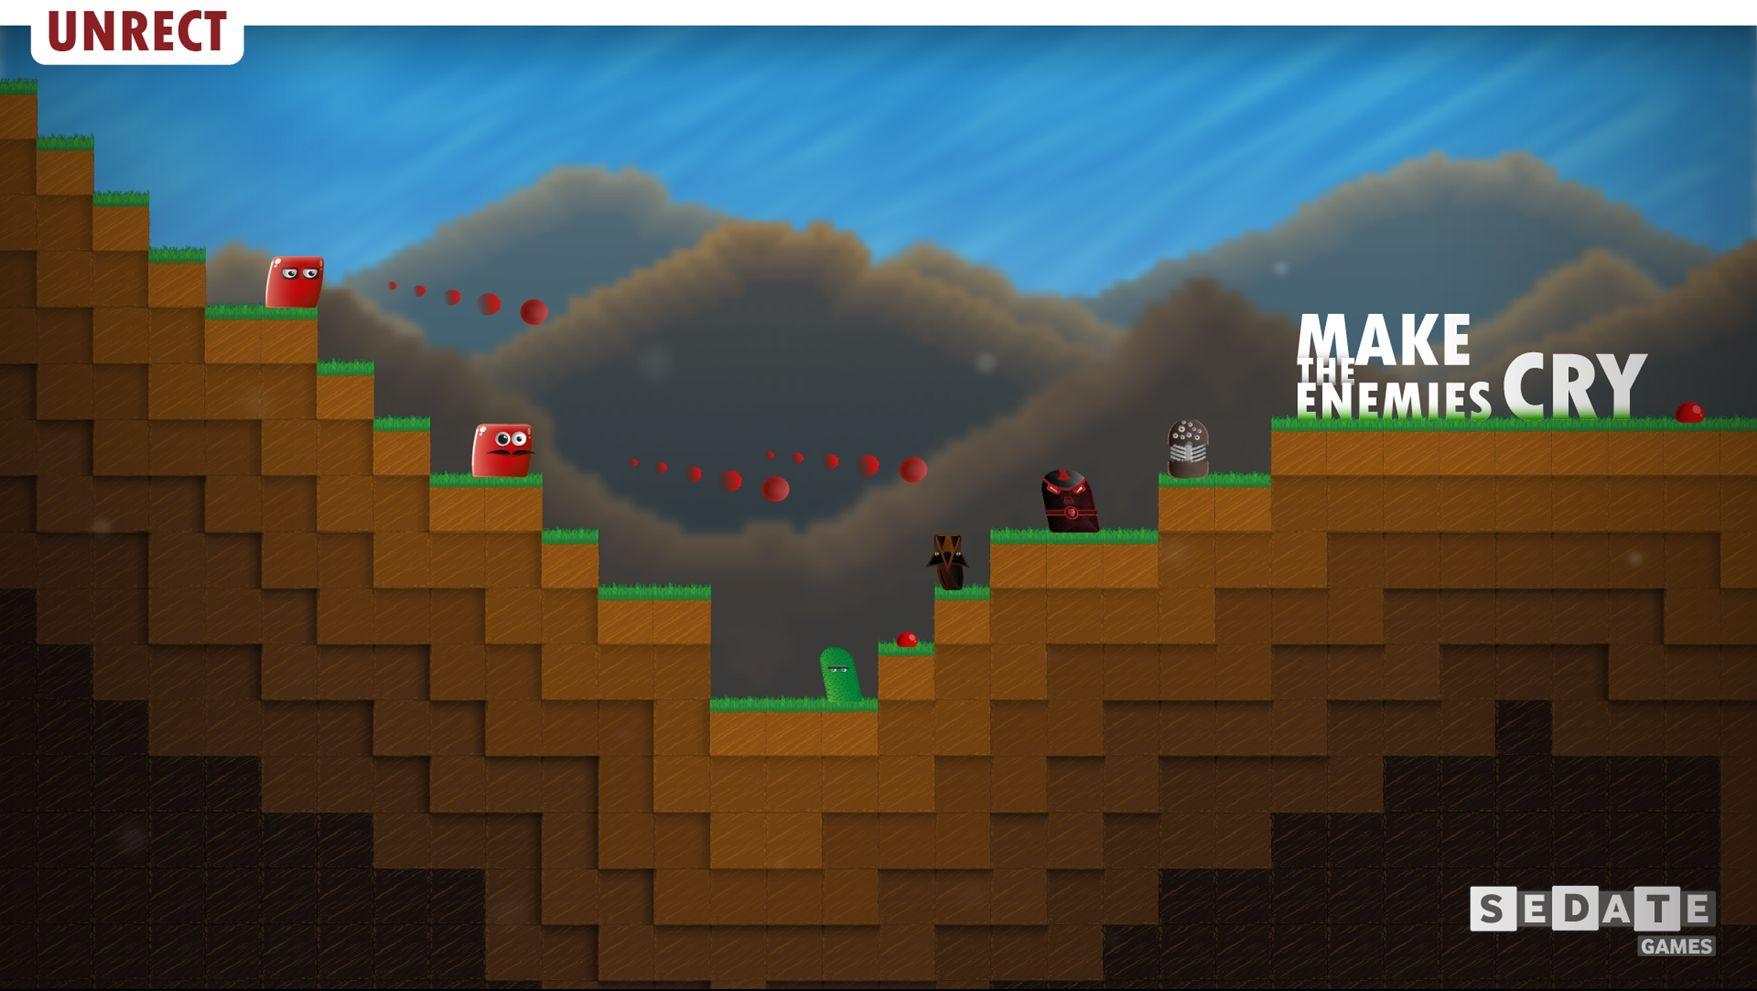 Yerli oyun Unrect yayınlandı!